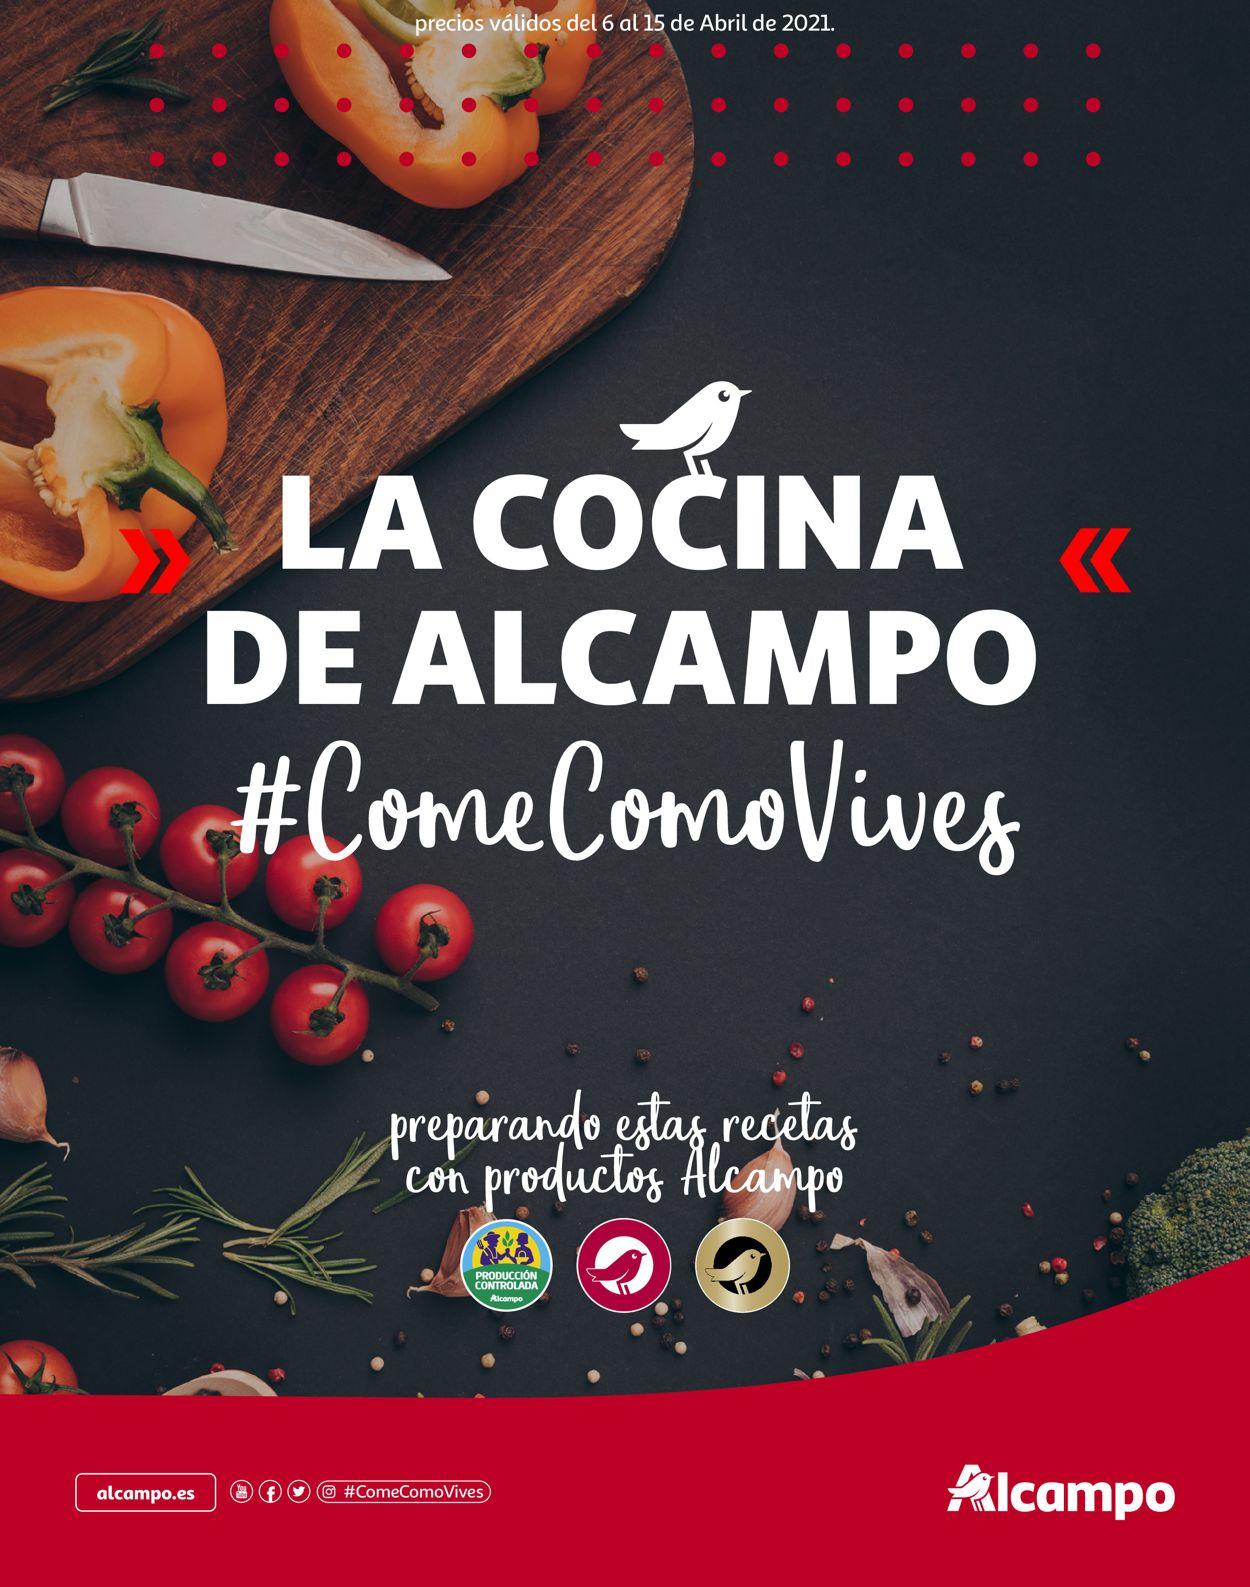 Alcampo Folleto - 06.04-15.04.2021